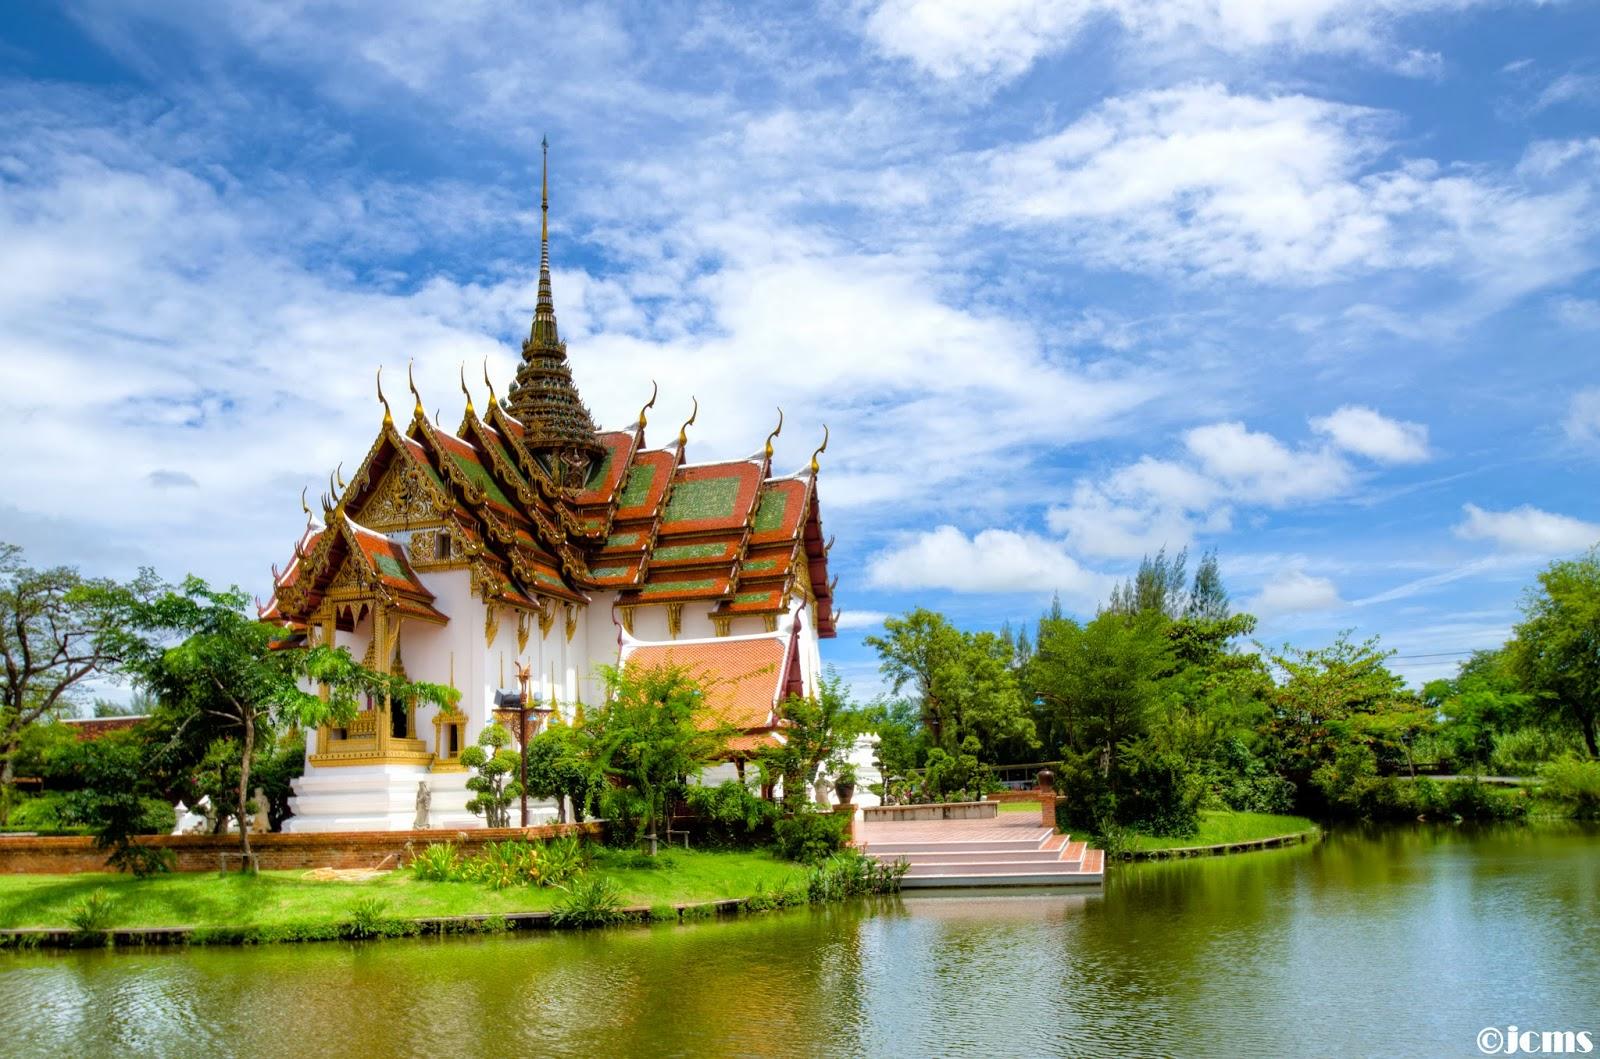 Deuceの旅行 Muang Boran The Ancient City